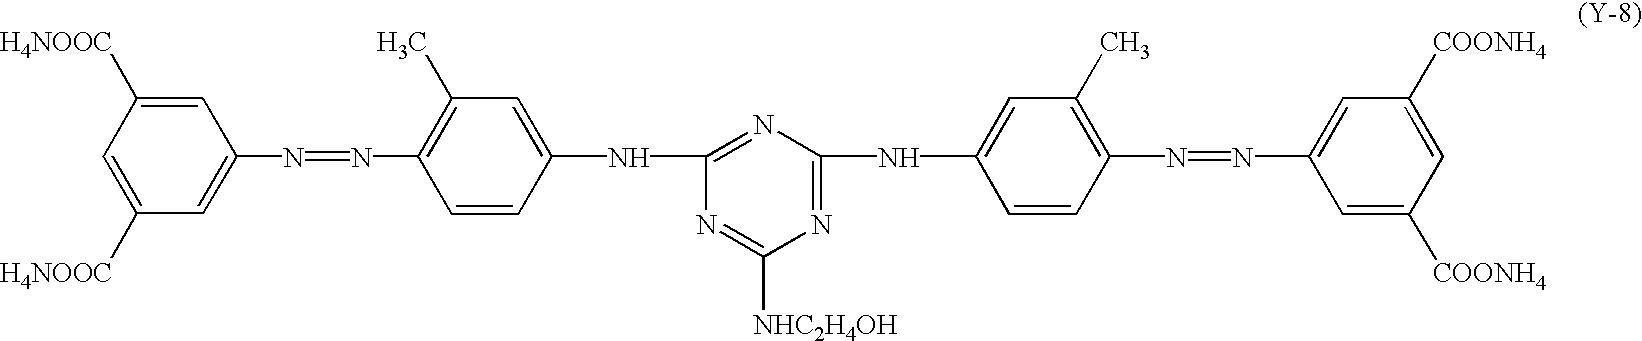 Figure US06454844-20020924-C00008